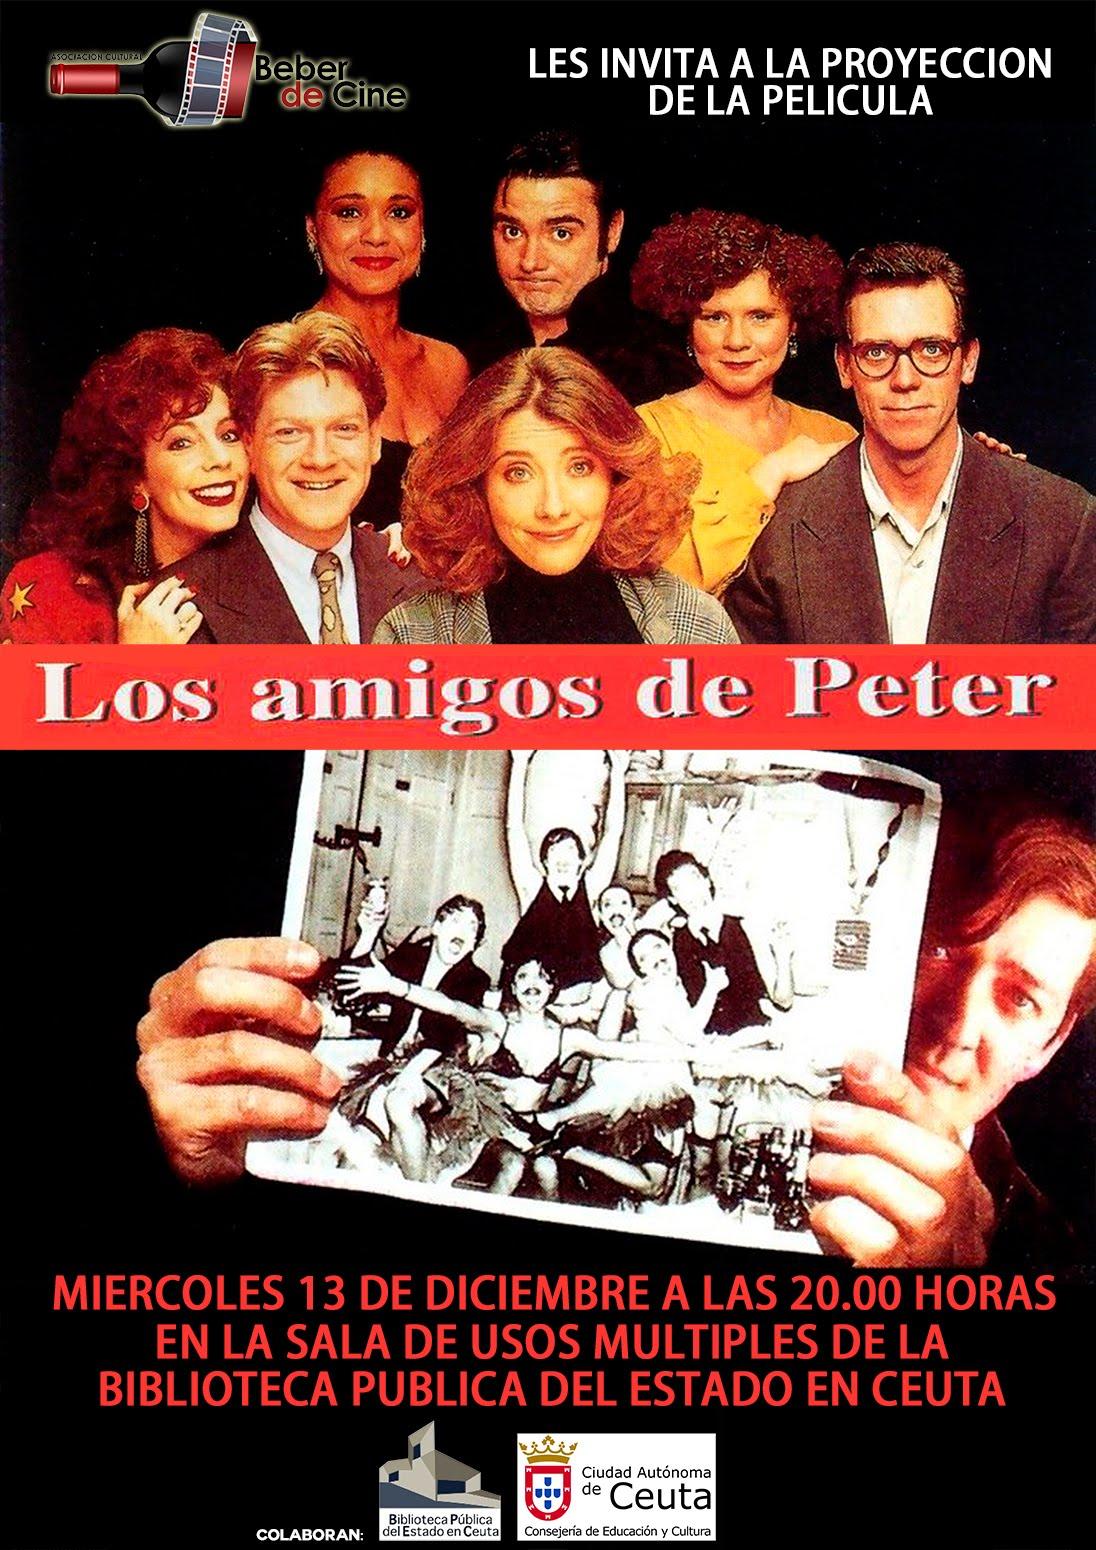 13 dic LOS AMIGOS DE PETER